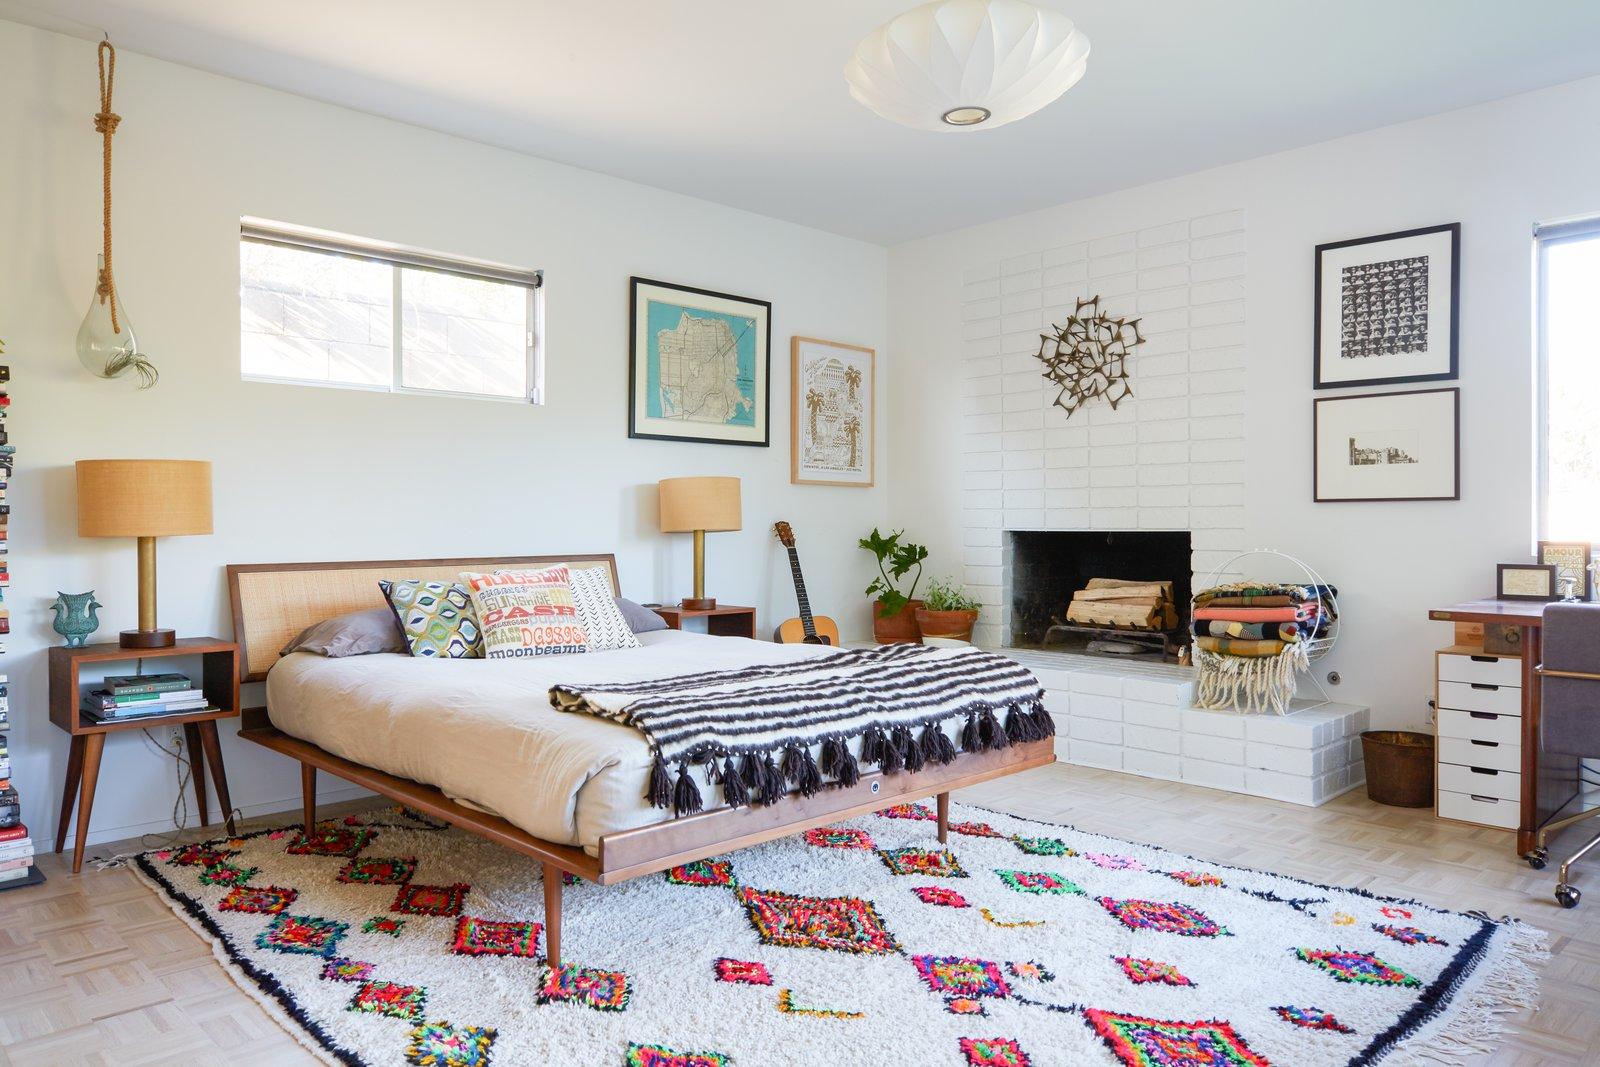 Bedroom, Lamps, Light Hardwood Floor, Night Stands, Bed, Rug Floor, Pendant Lighting, and Chair Guest Bedroom  Midcentury Dream House